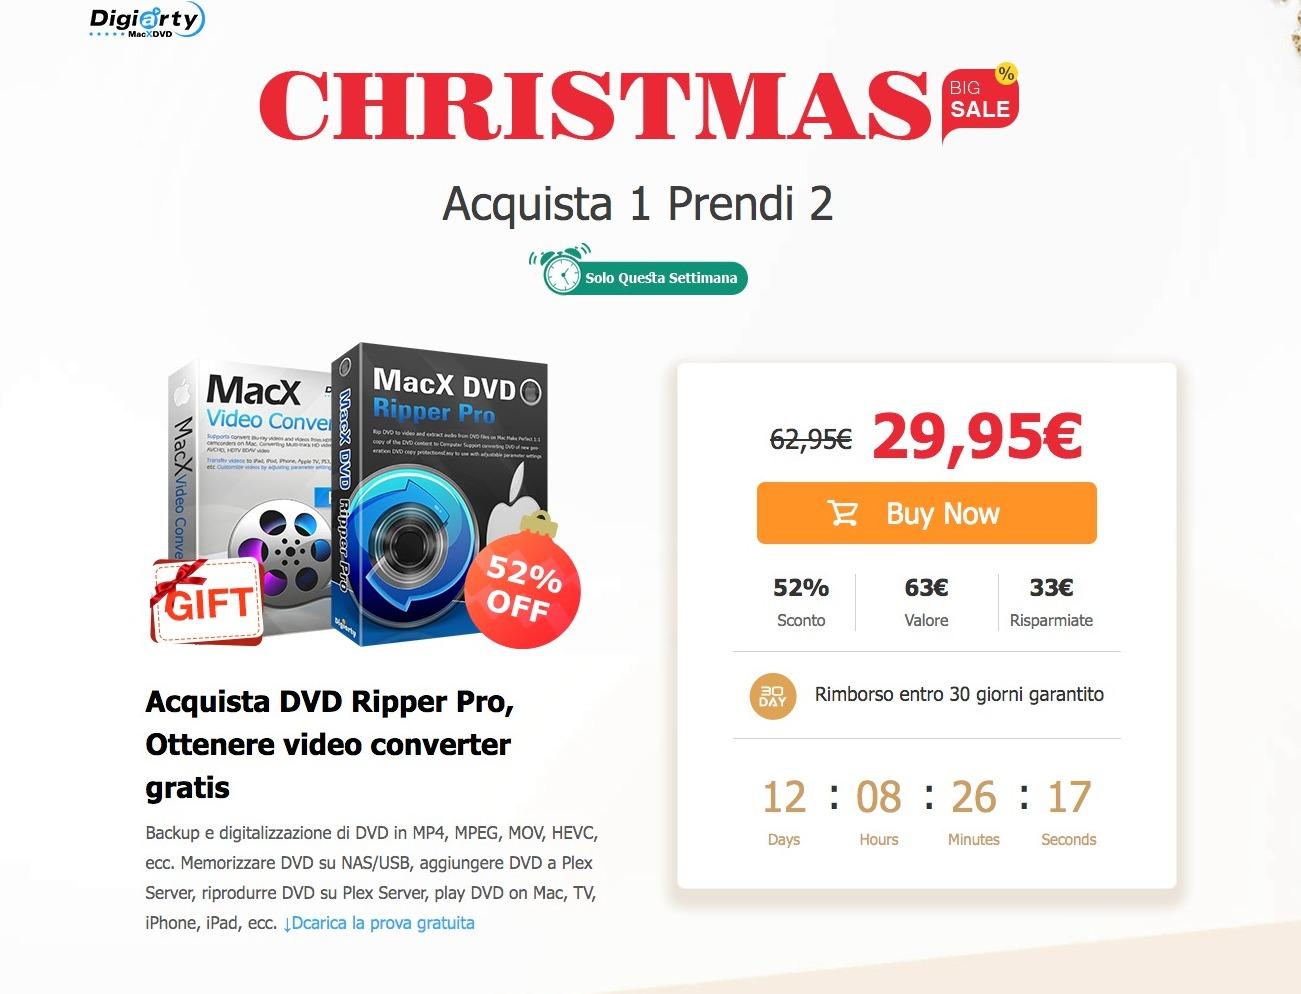 Per Natale MacX DVD Ripper Pro costa la metà (e c'è in regalo un altro software)